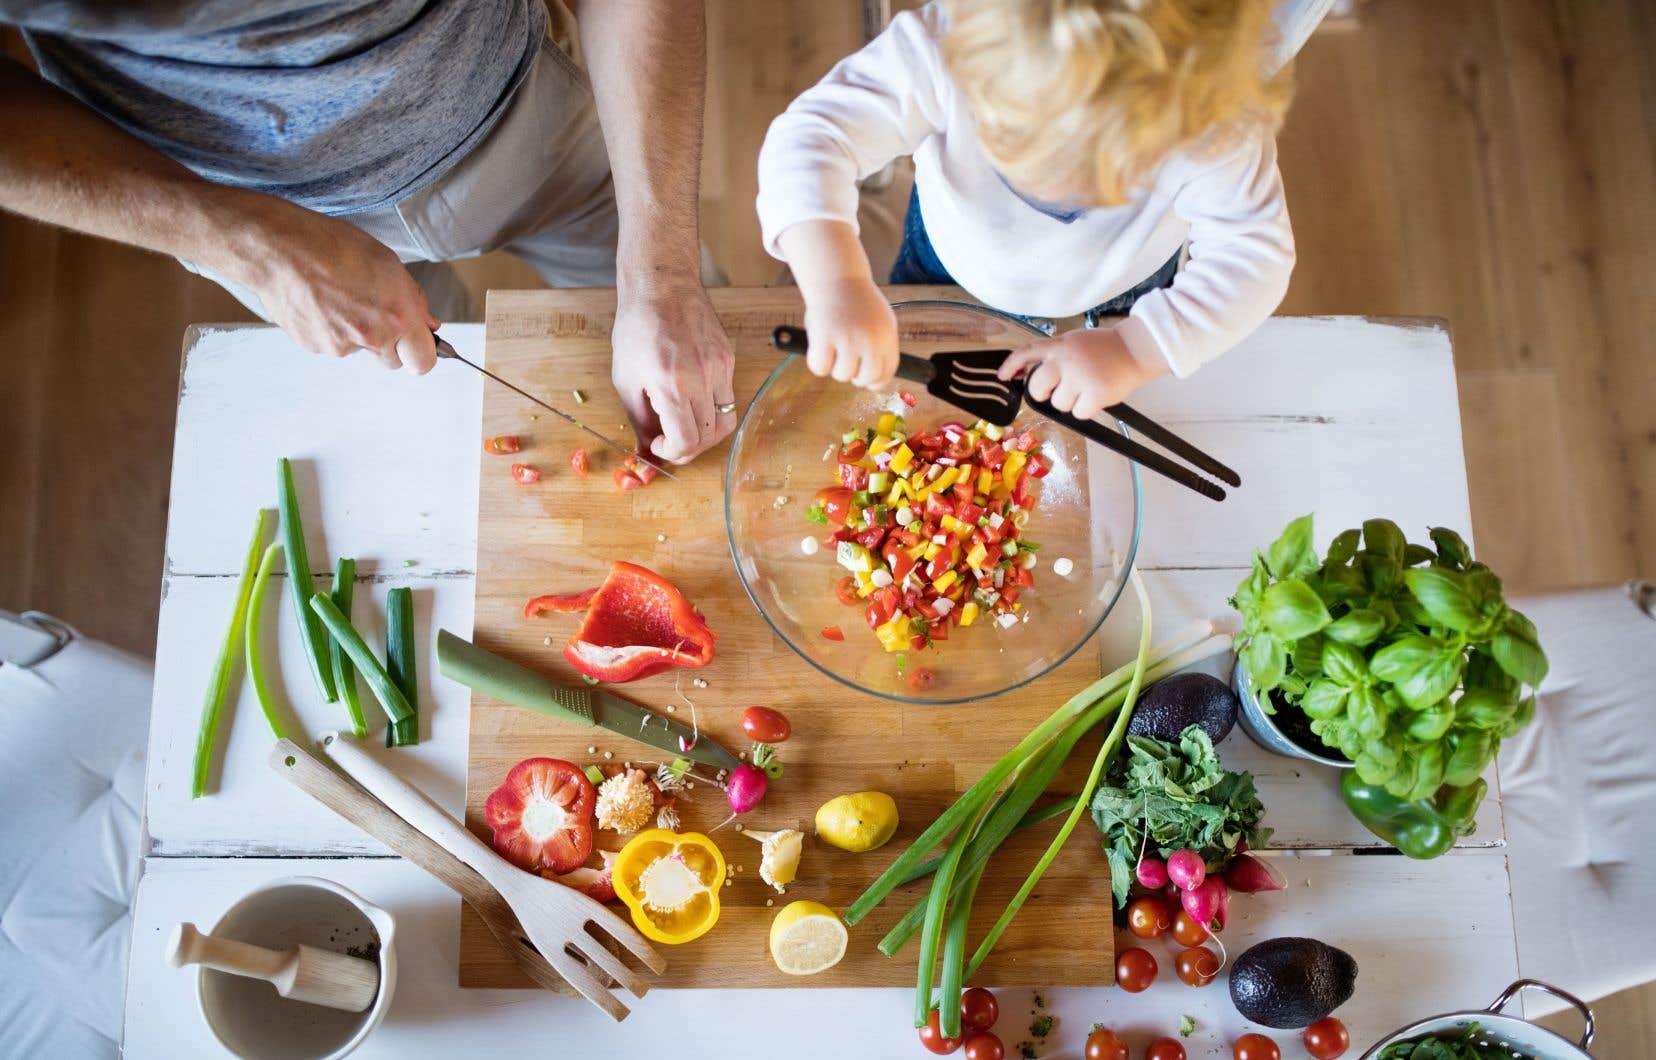 Seulement 40% des parents d'aujourd'hui cuisinent chaque soir, selon le rapport «Tout le monde à table» de 2011.